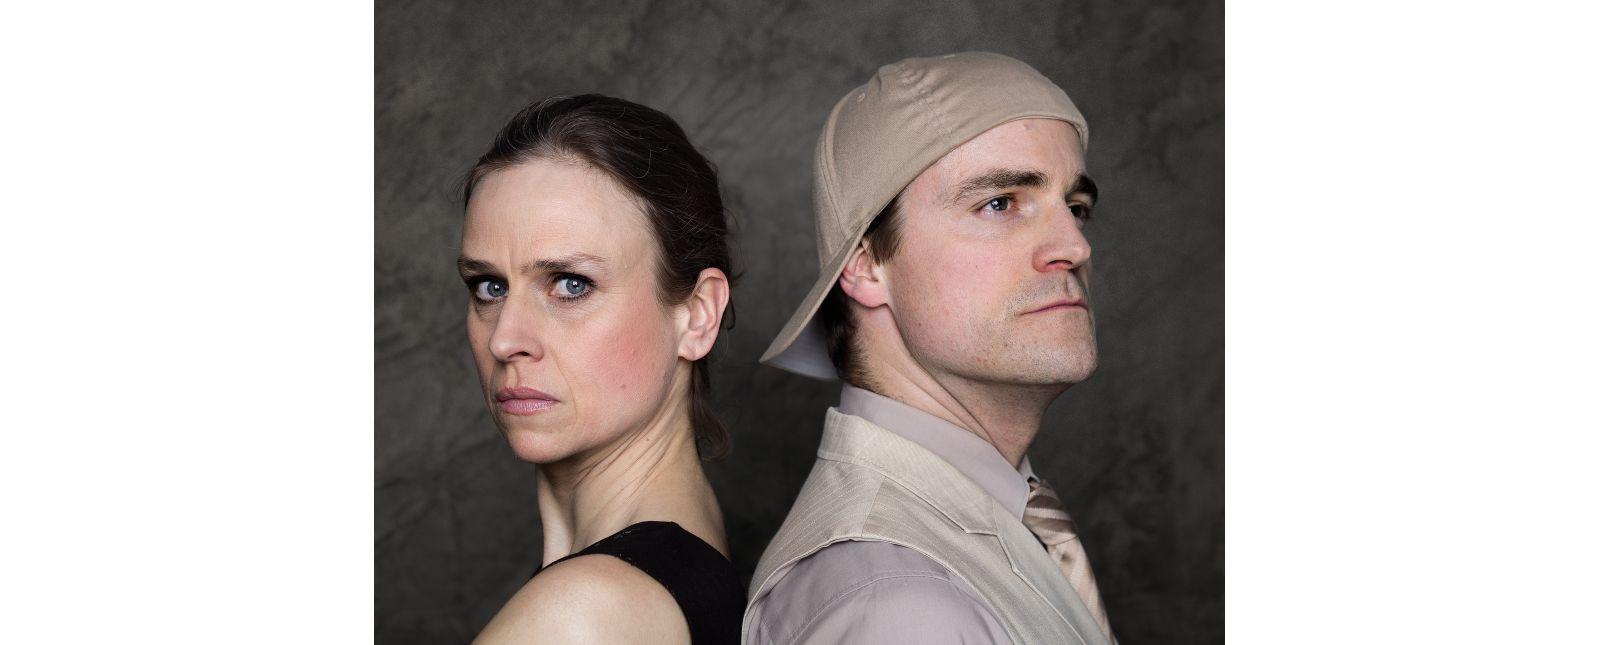 Melanie Haupt & Bodo Wartke // ANTIGONE //  Foto: Gernot Hoersch / Joe Frohriep